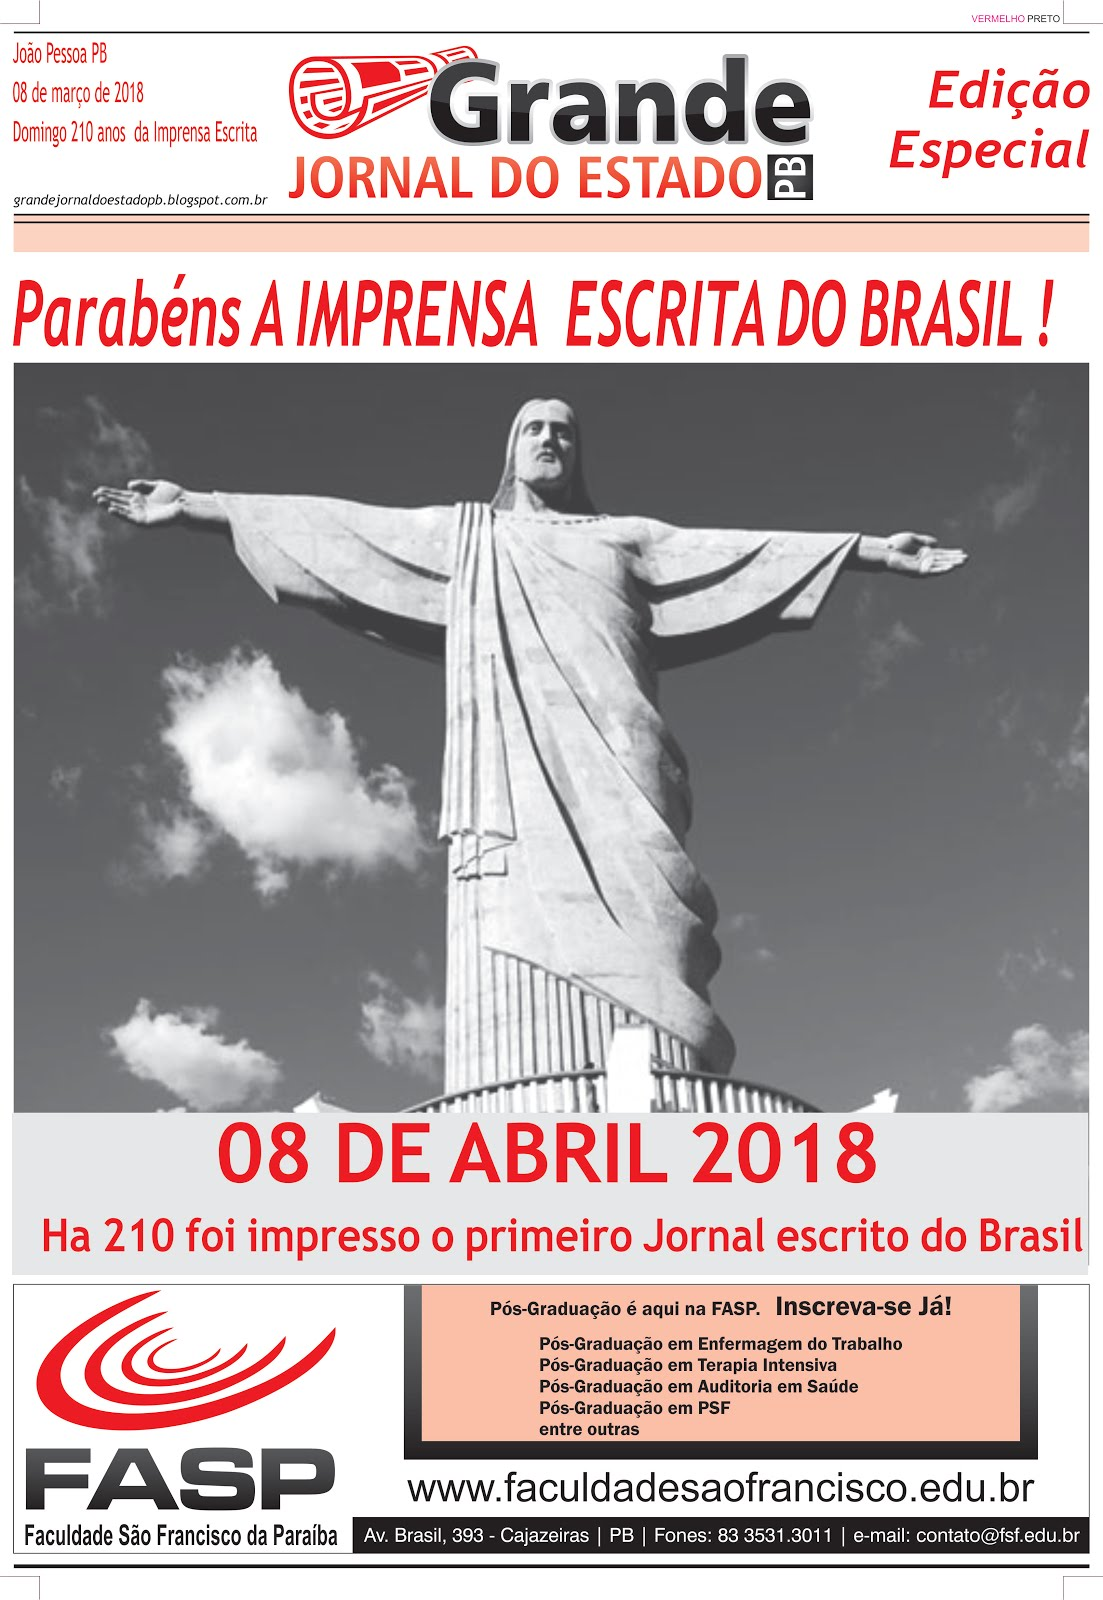 GRANDE JORNAL DO ESTADO PB  NO ANIVERSÁRIO DOS 209 ANOS DA IMPRENSA  ESCRITA DO BRASIL